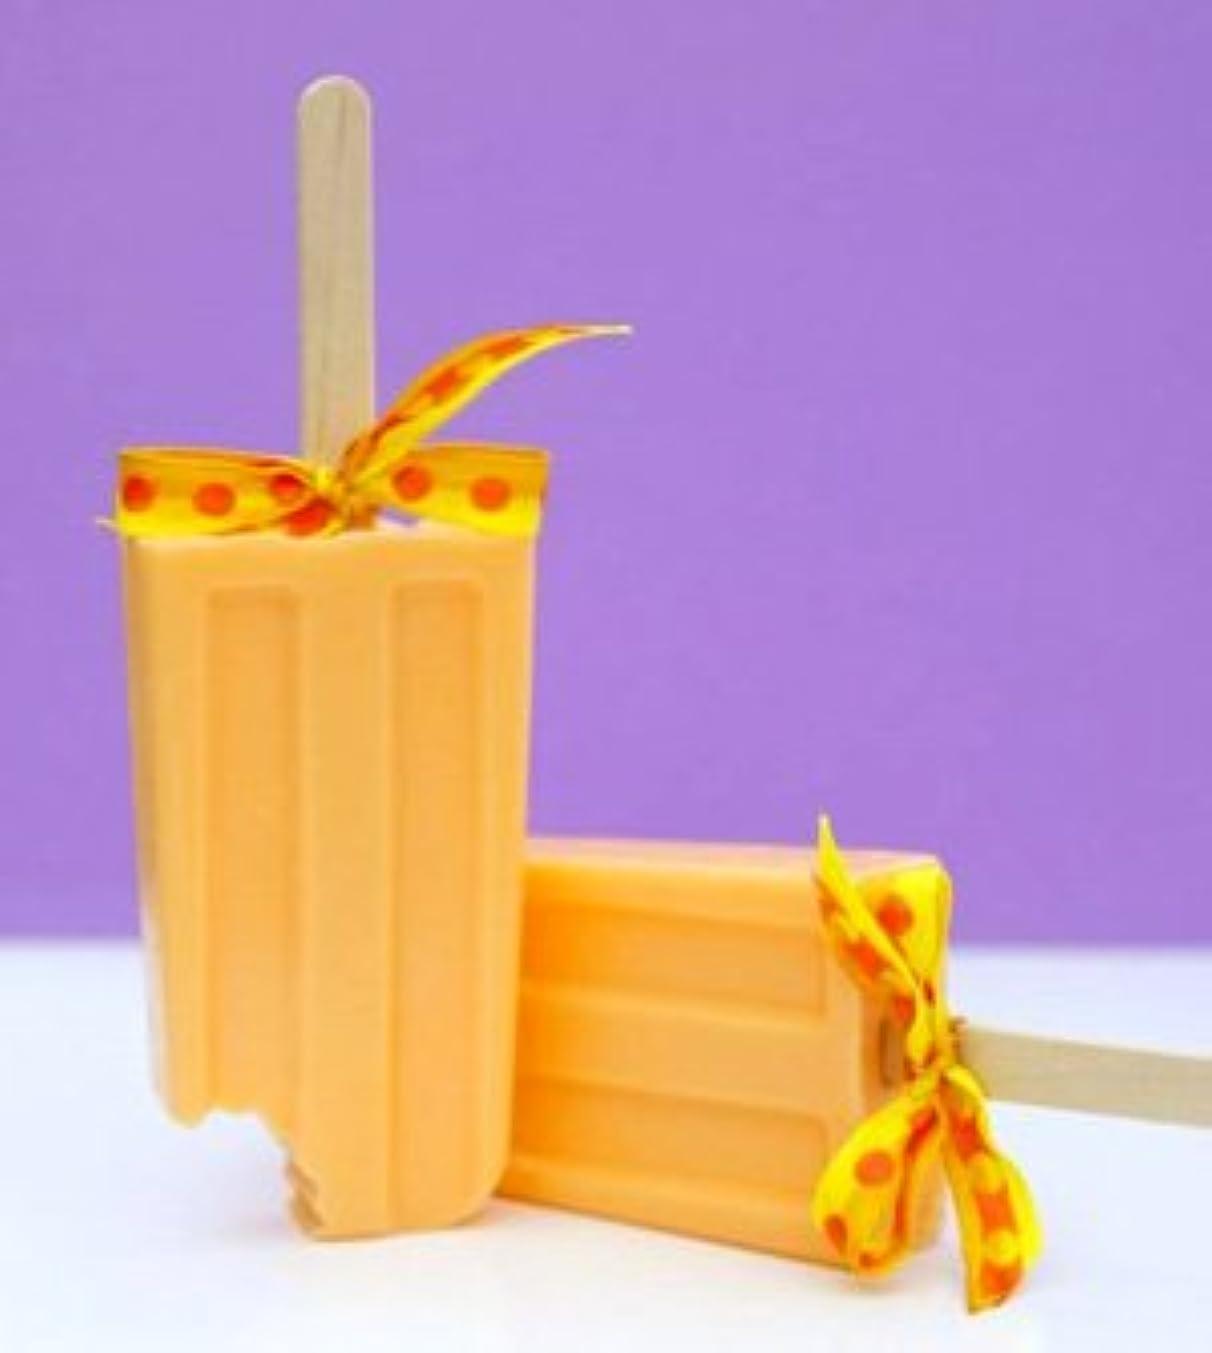 雑品カポック自由soapy love(ソーピーラブ) Orange オレンジ セッケン ソープ ギフト プレゼント 石鹸 H14×W5×D2cm  (orange)